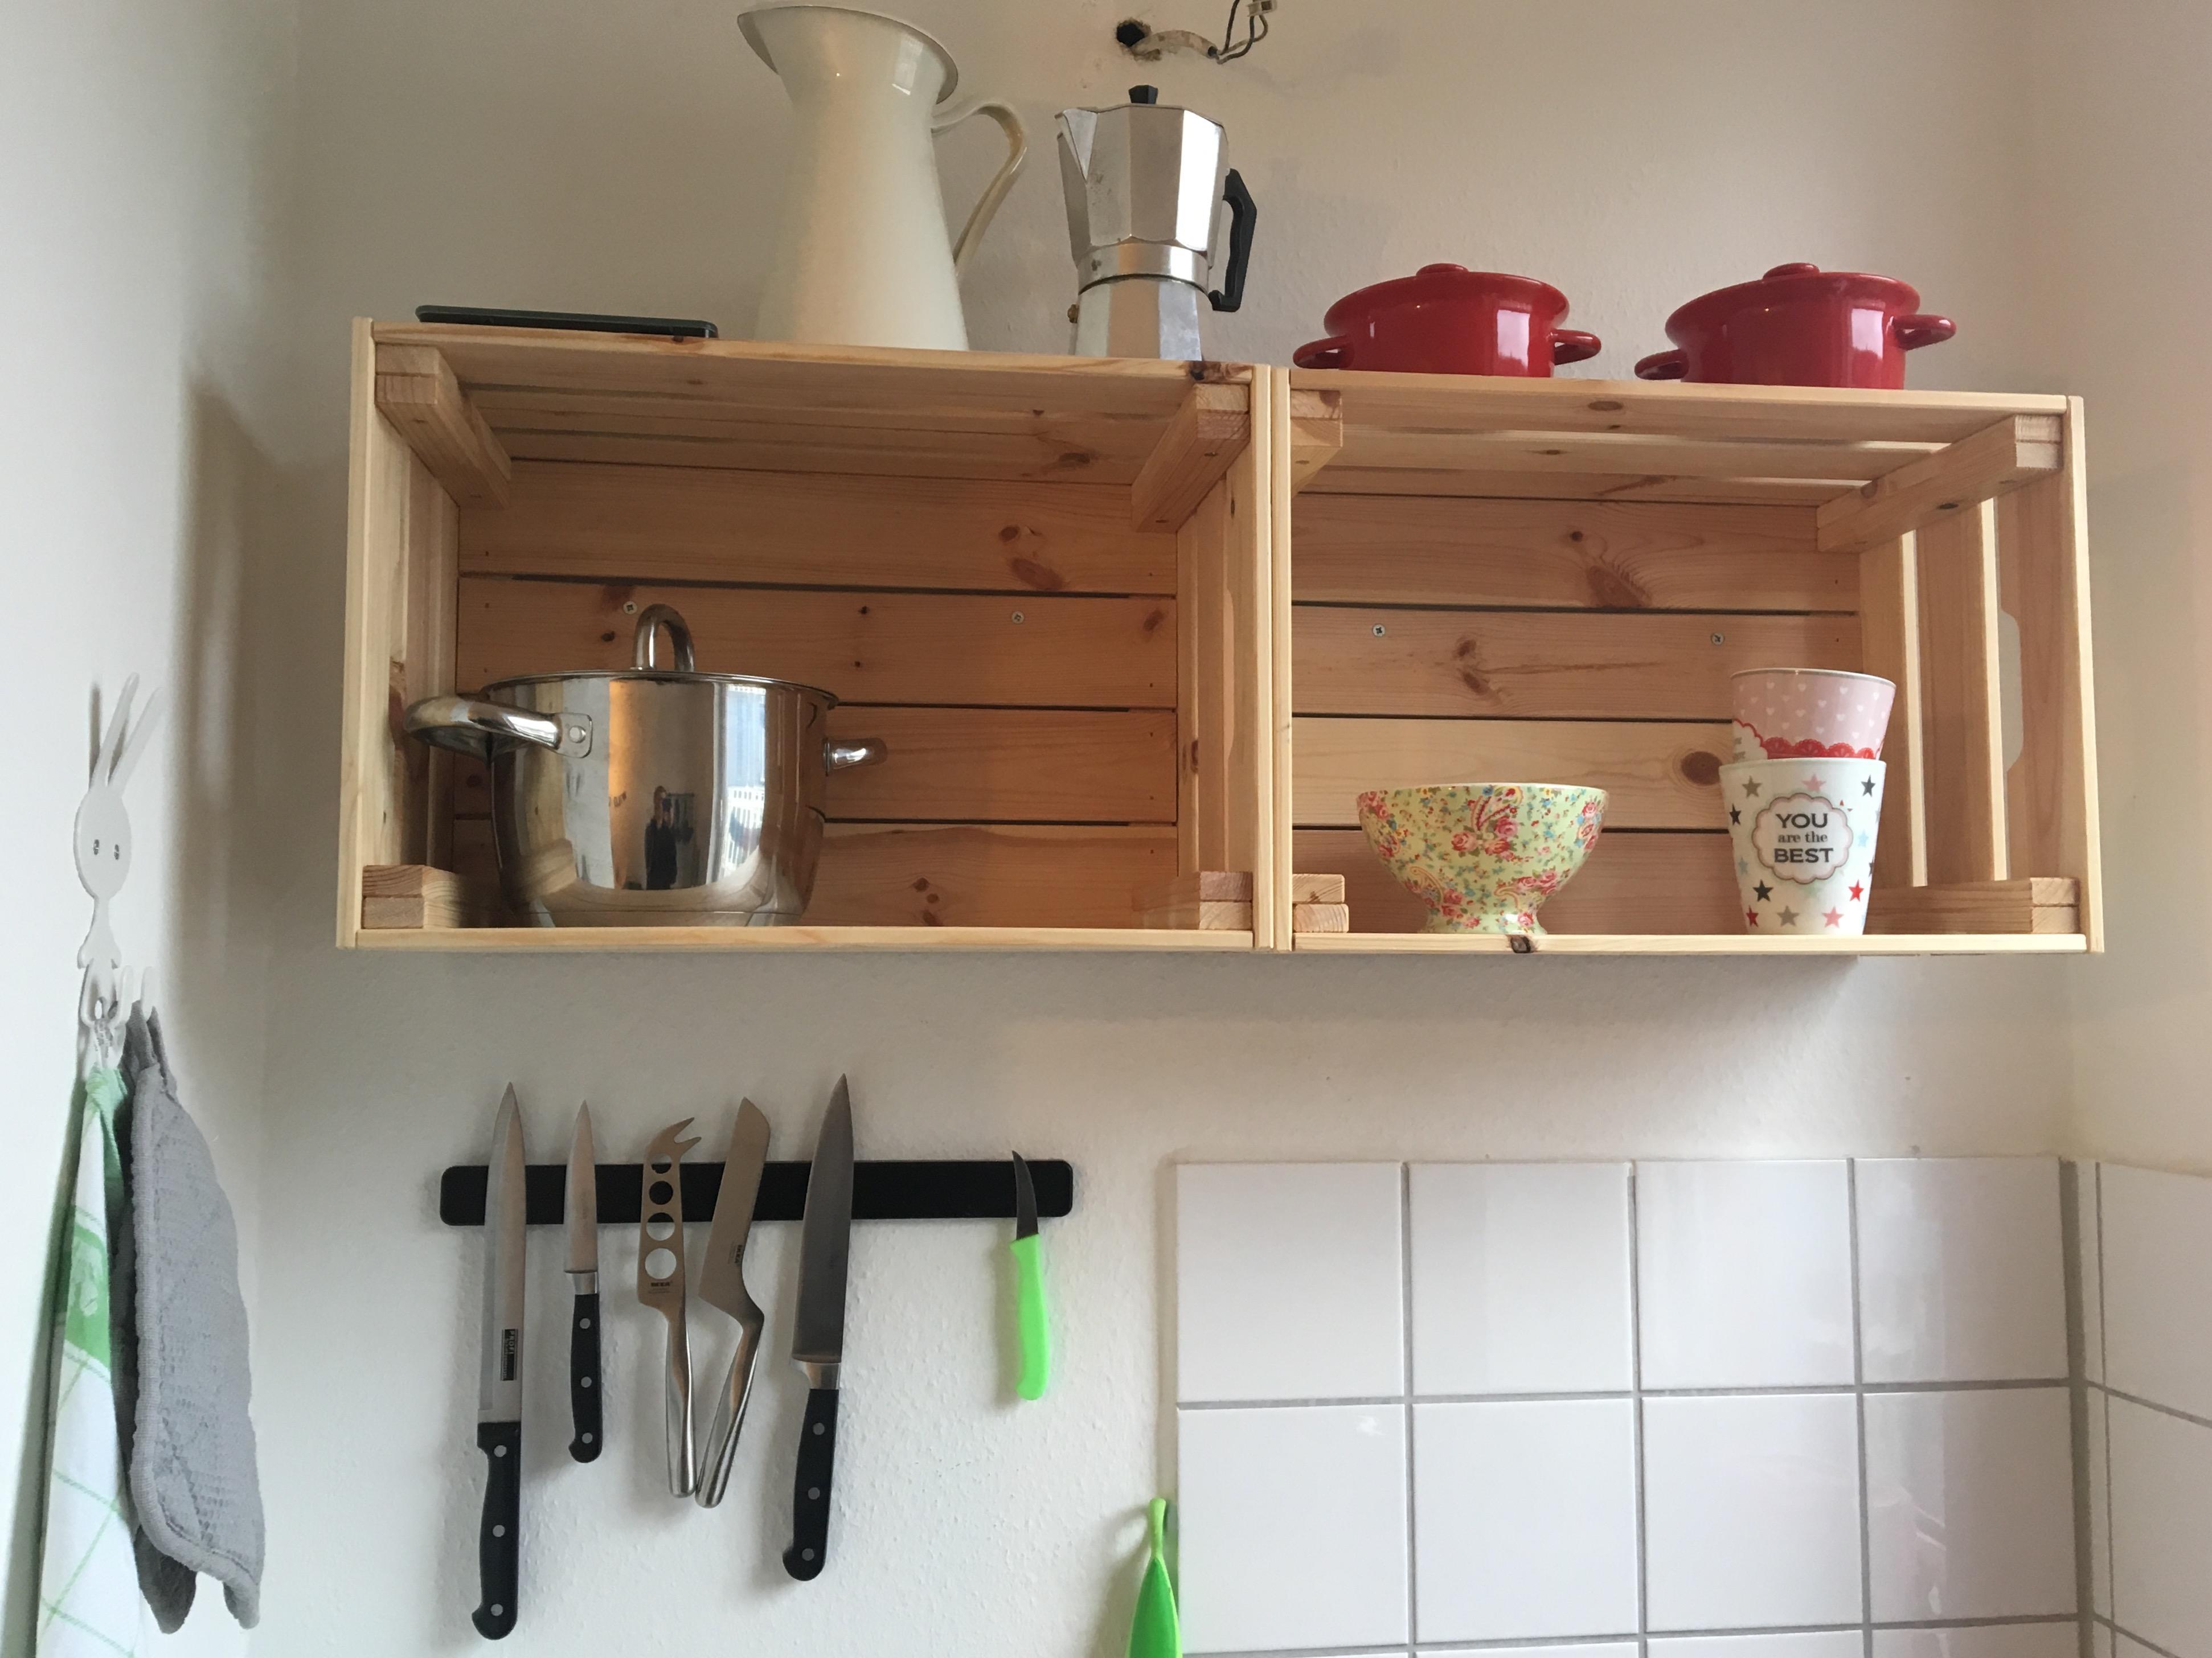 Kuchenregal Aus Alten Obstkisten Diy Zufauleinreg